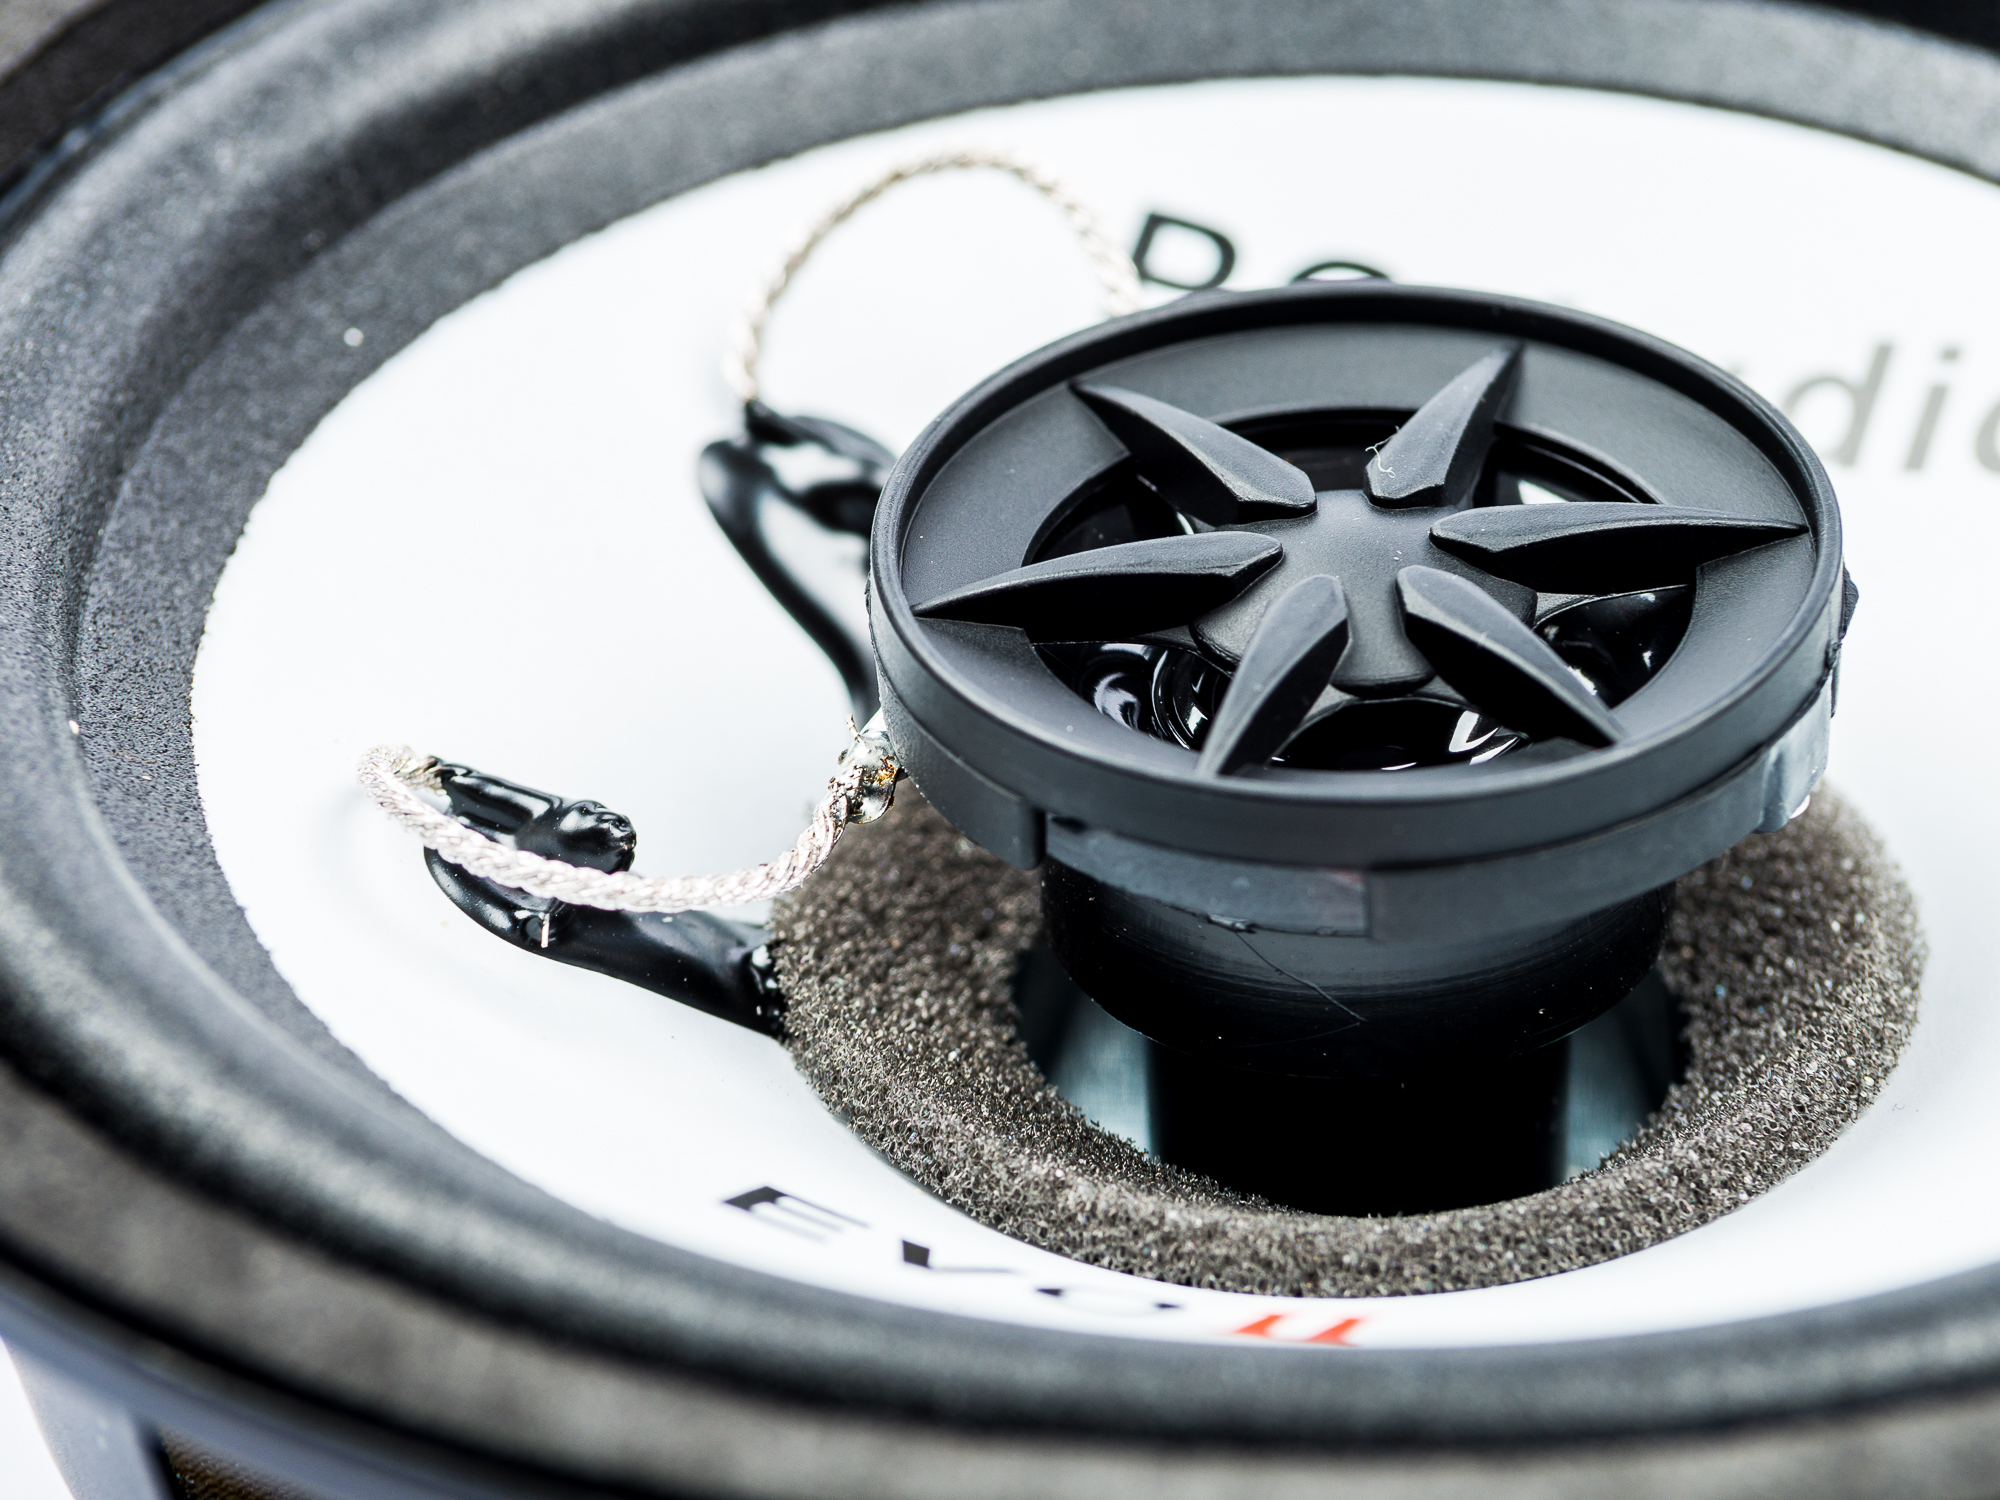 Honda Jazz Lautsprecher Einbauset Tür vorne PG Audio Neu Ware – Bild 2